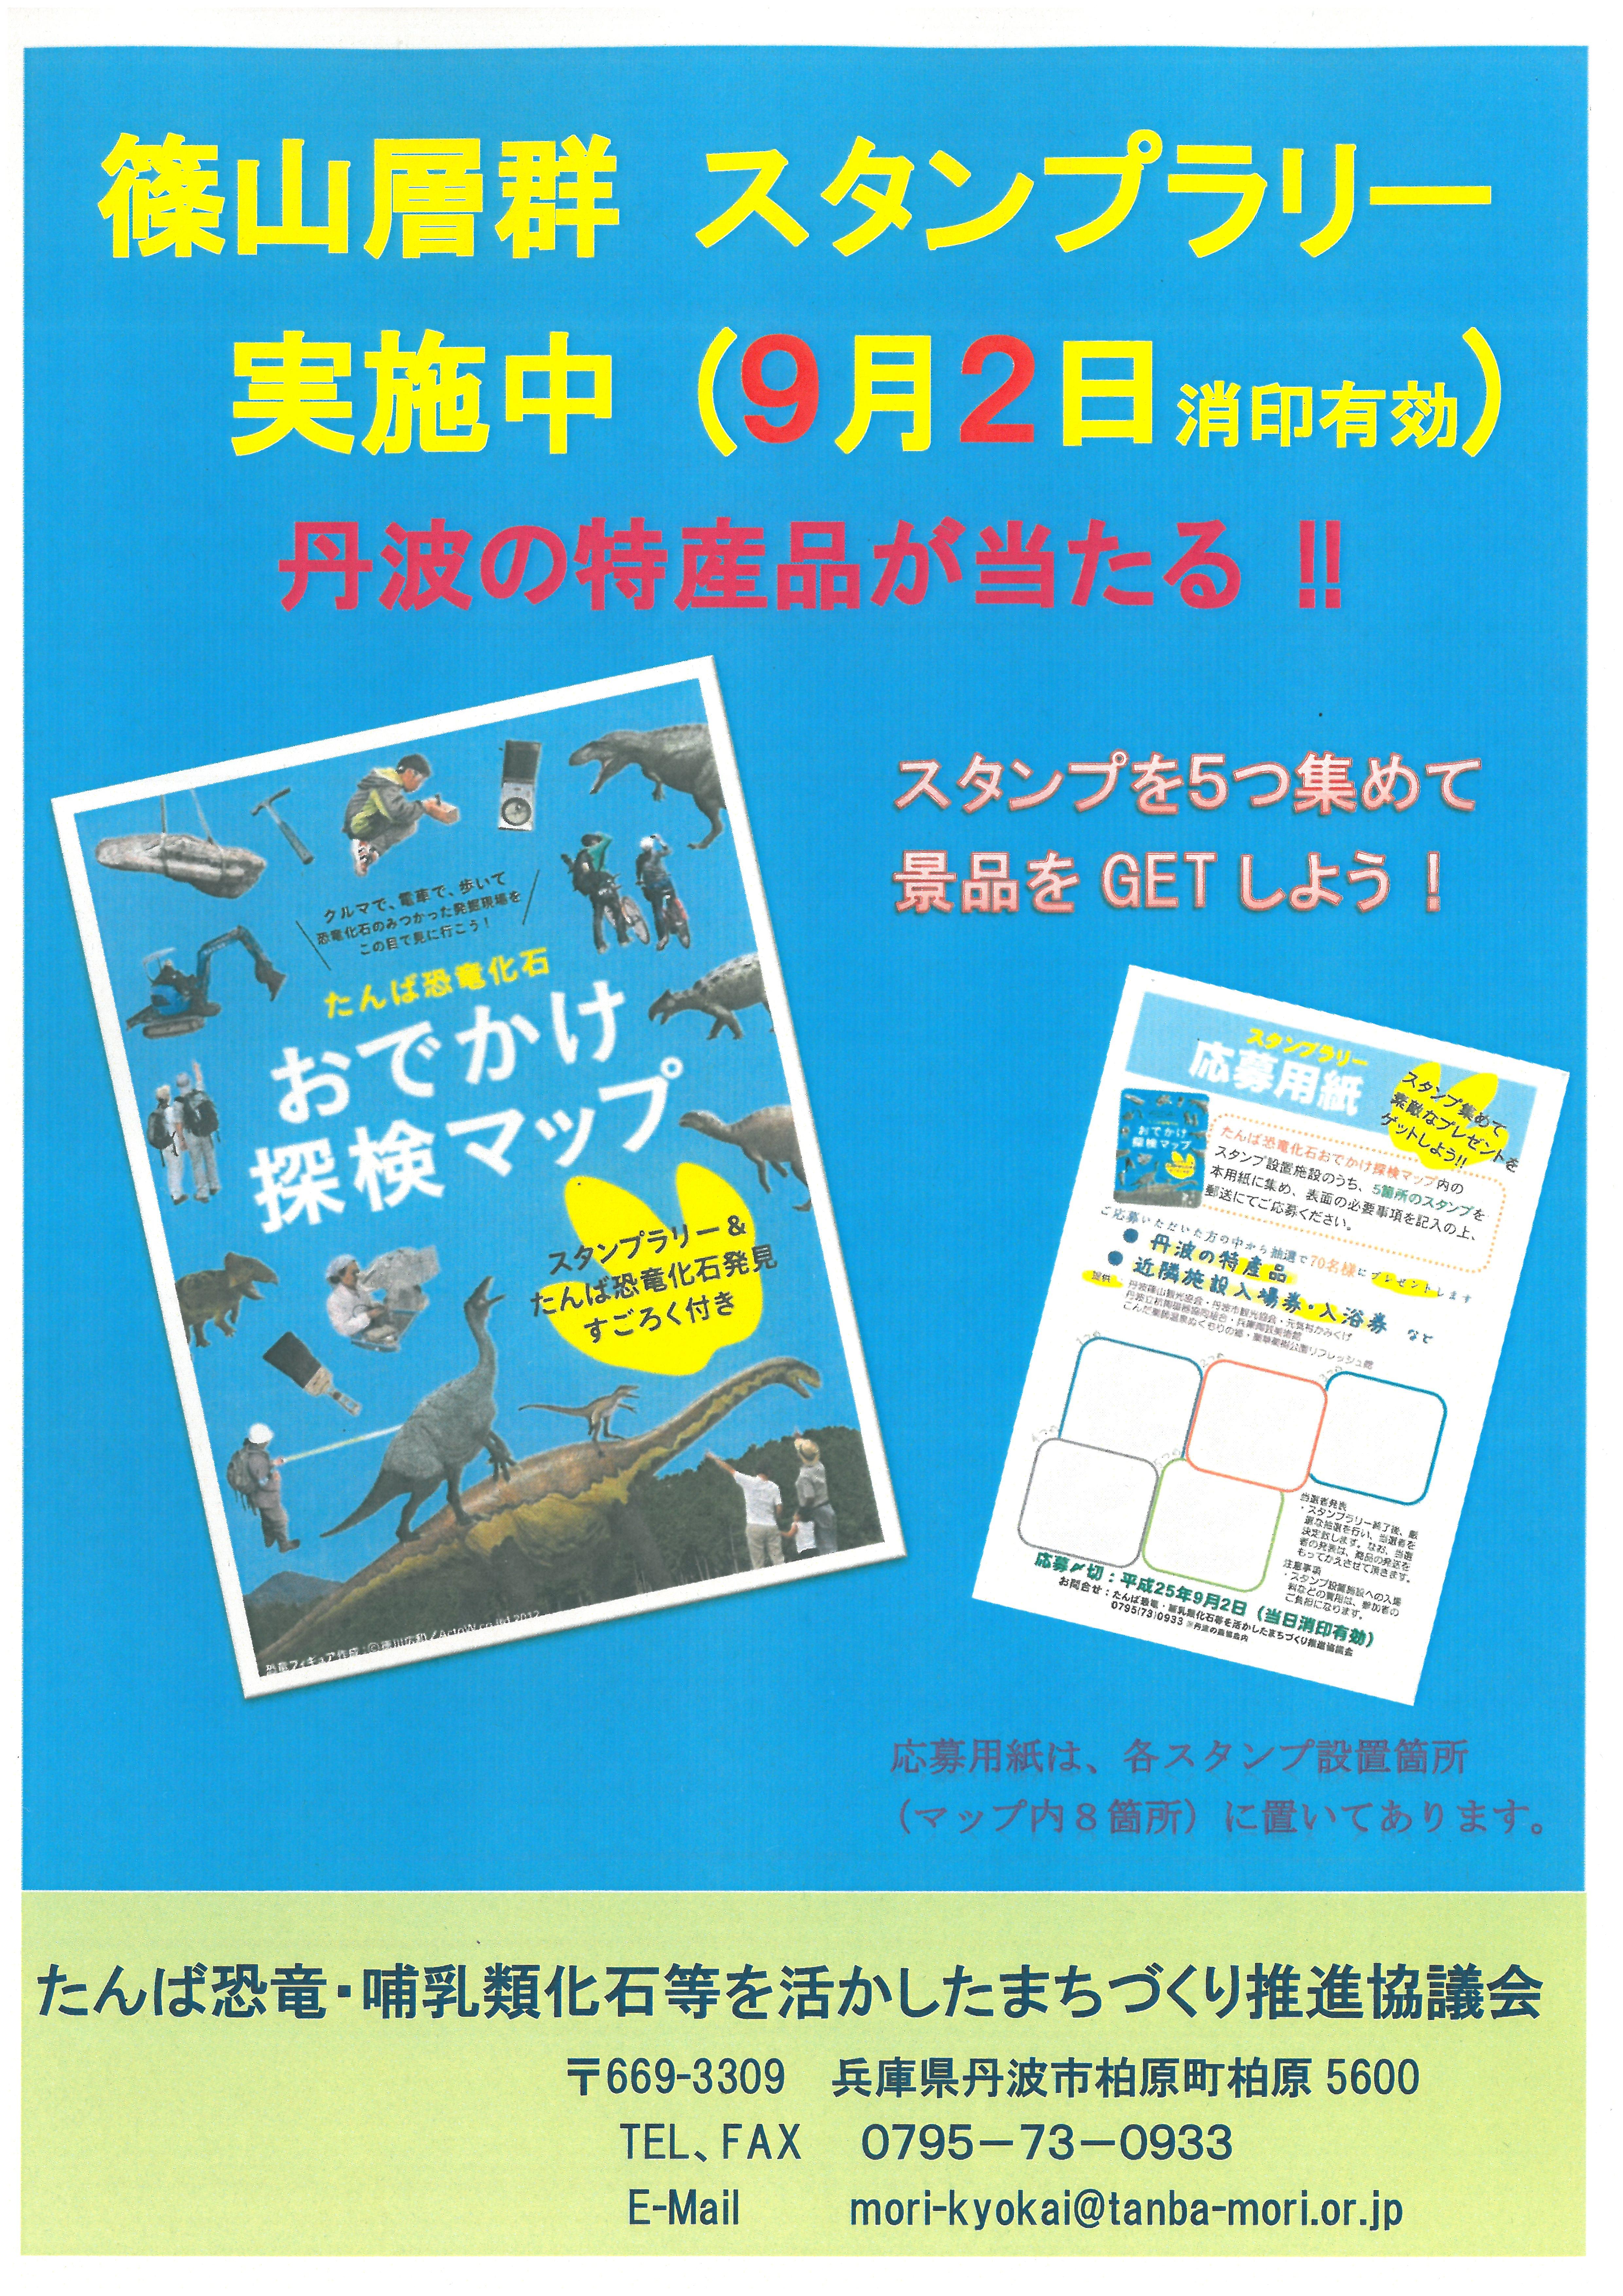 篠山層群のスタンプラリーにみんなで参加しよう!